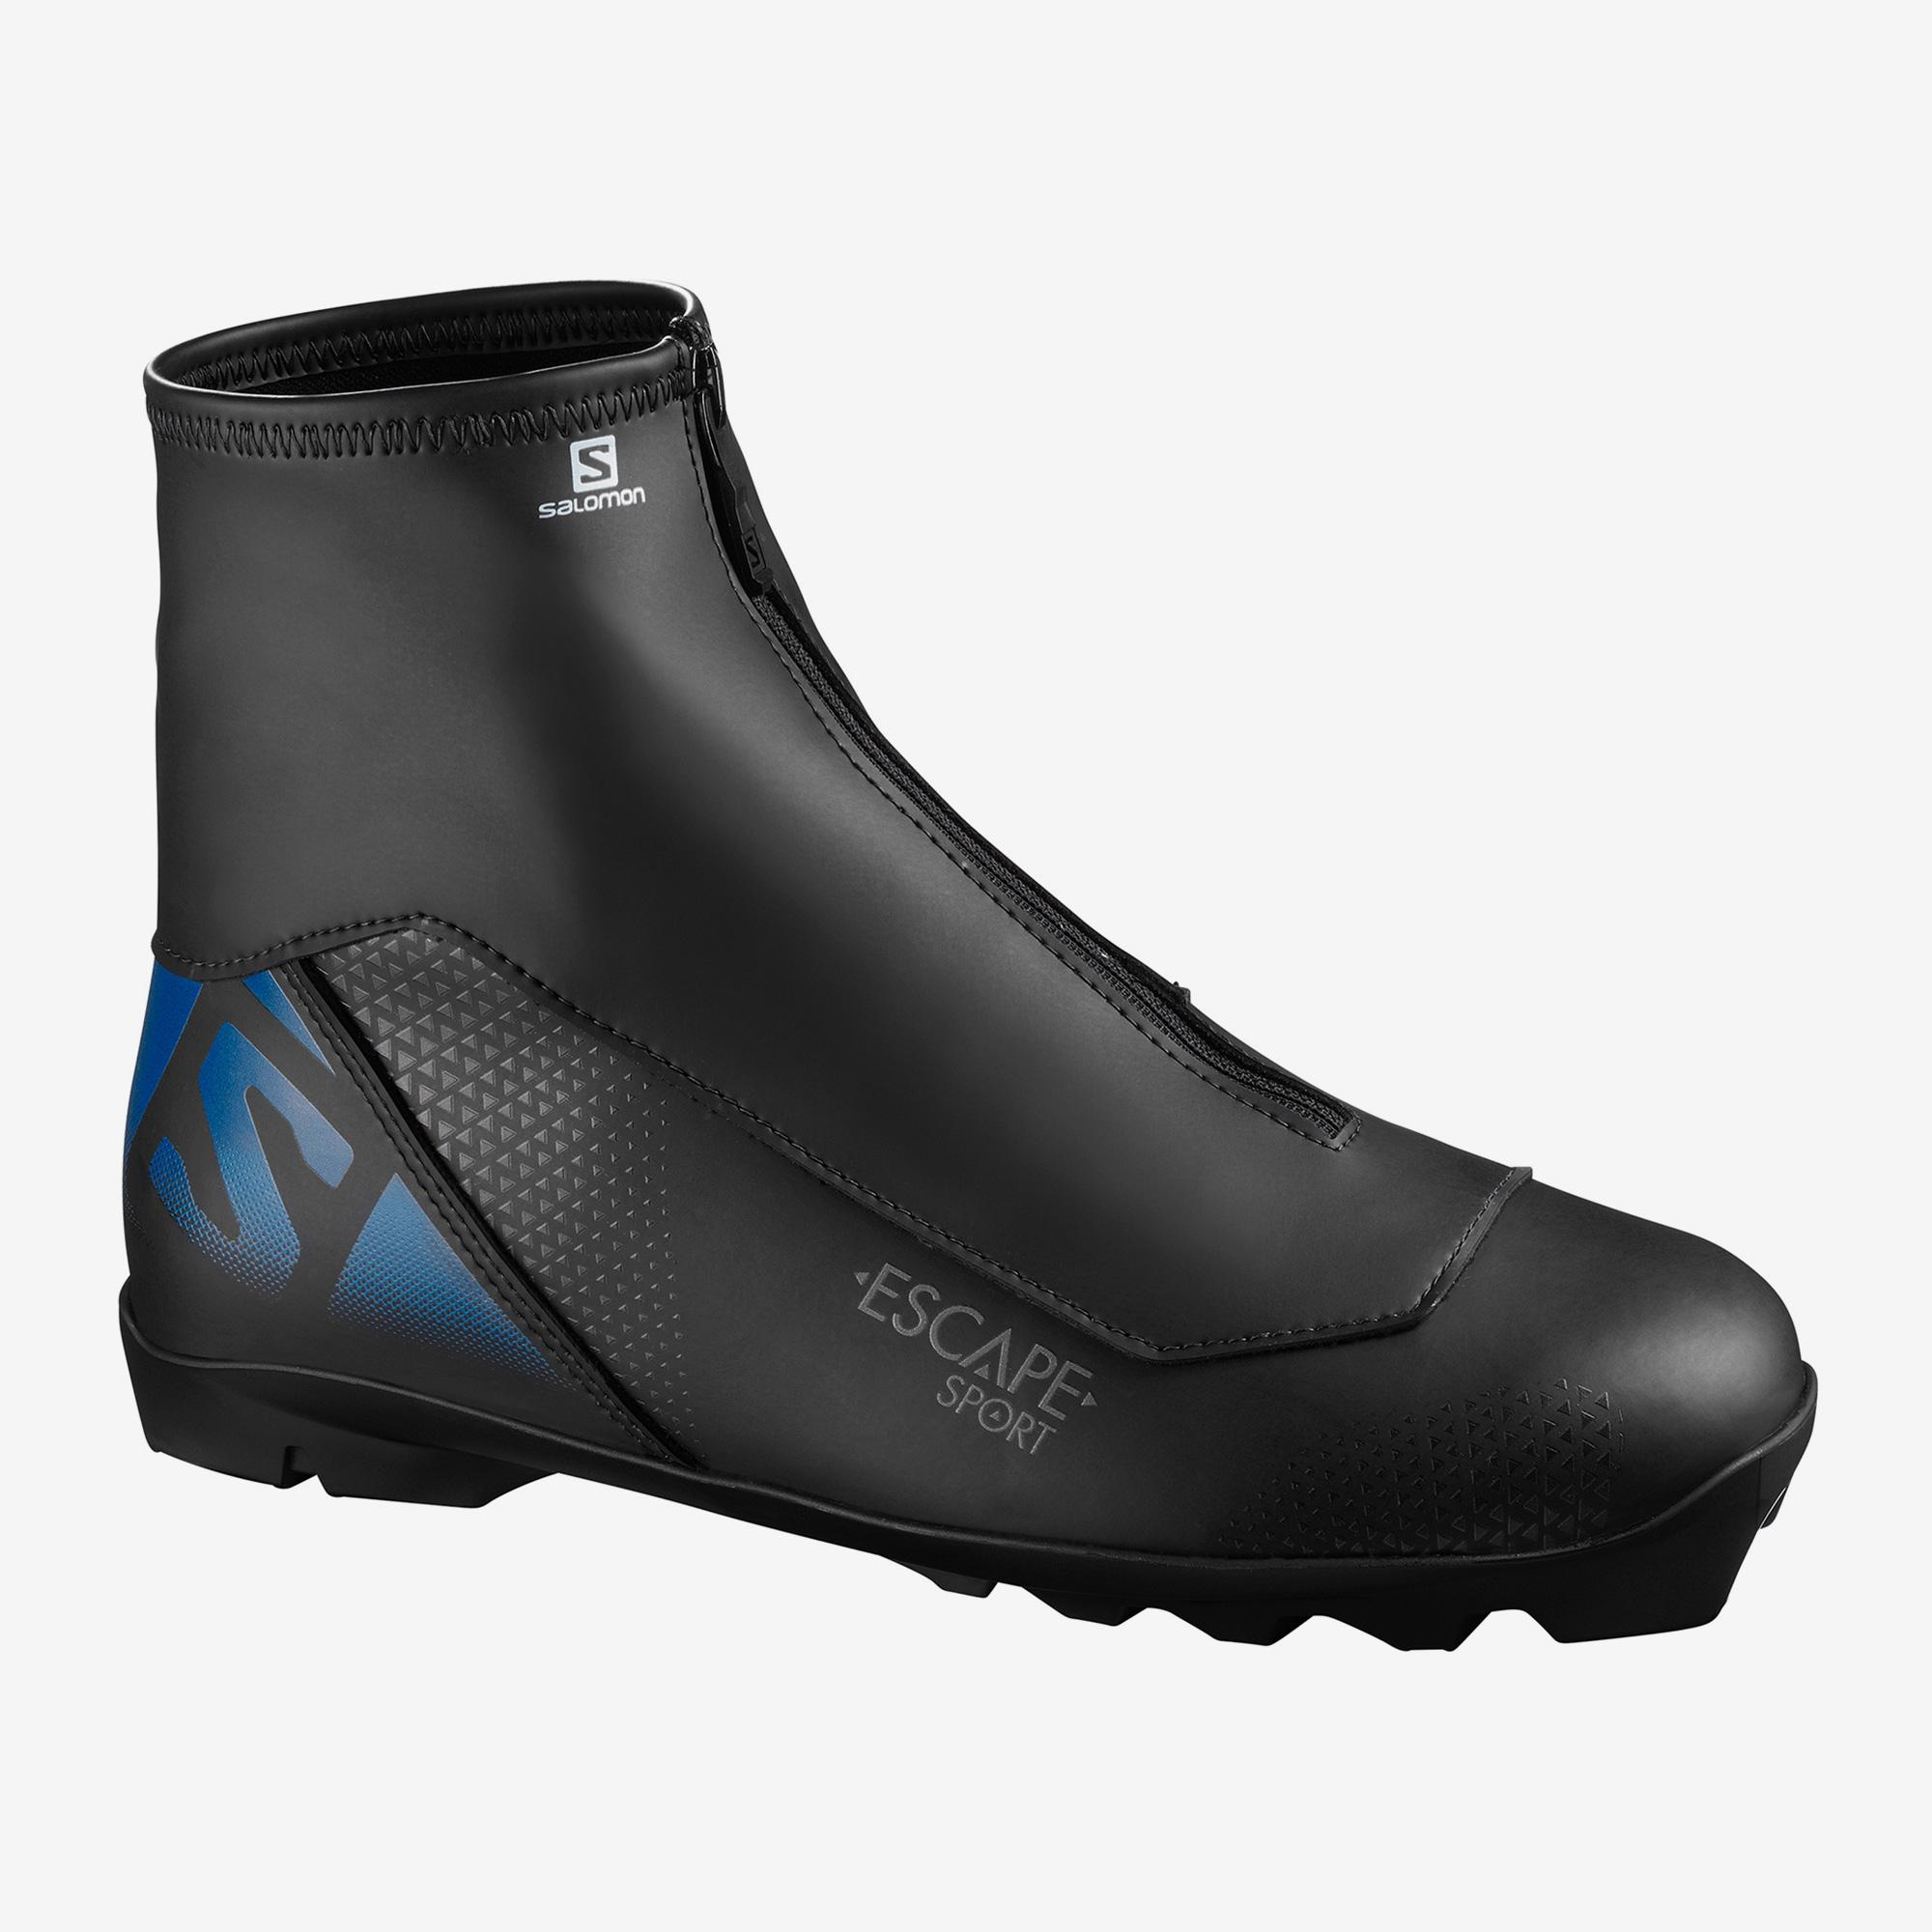 SALOMON ESCAPE SPORT PROLINK buty biegowe R. 42 (26,5 cm